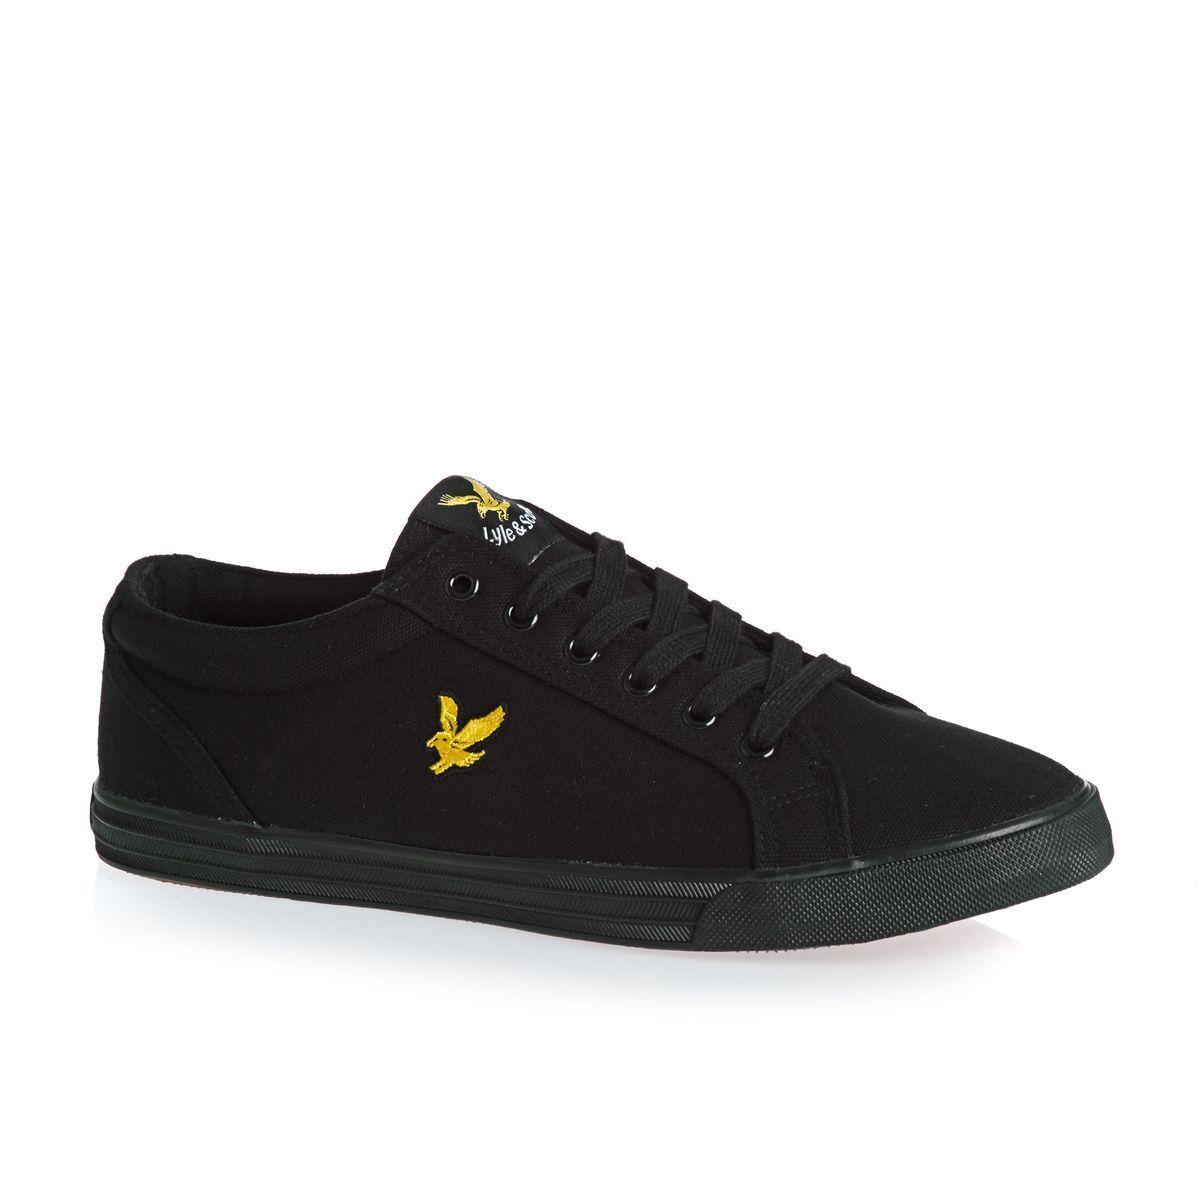 Lyle & Scott scarpe da ginnastica Uomo, Lyle e e e Scarpe di tela Scott POMPE-NERO Taglia 6-12 | Una Grande Varietà Di Prodotti  | Uomini/Donne Scarpa  3dbe5a